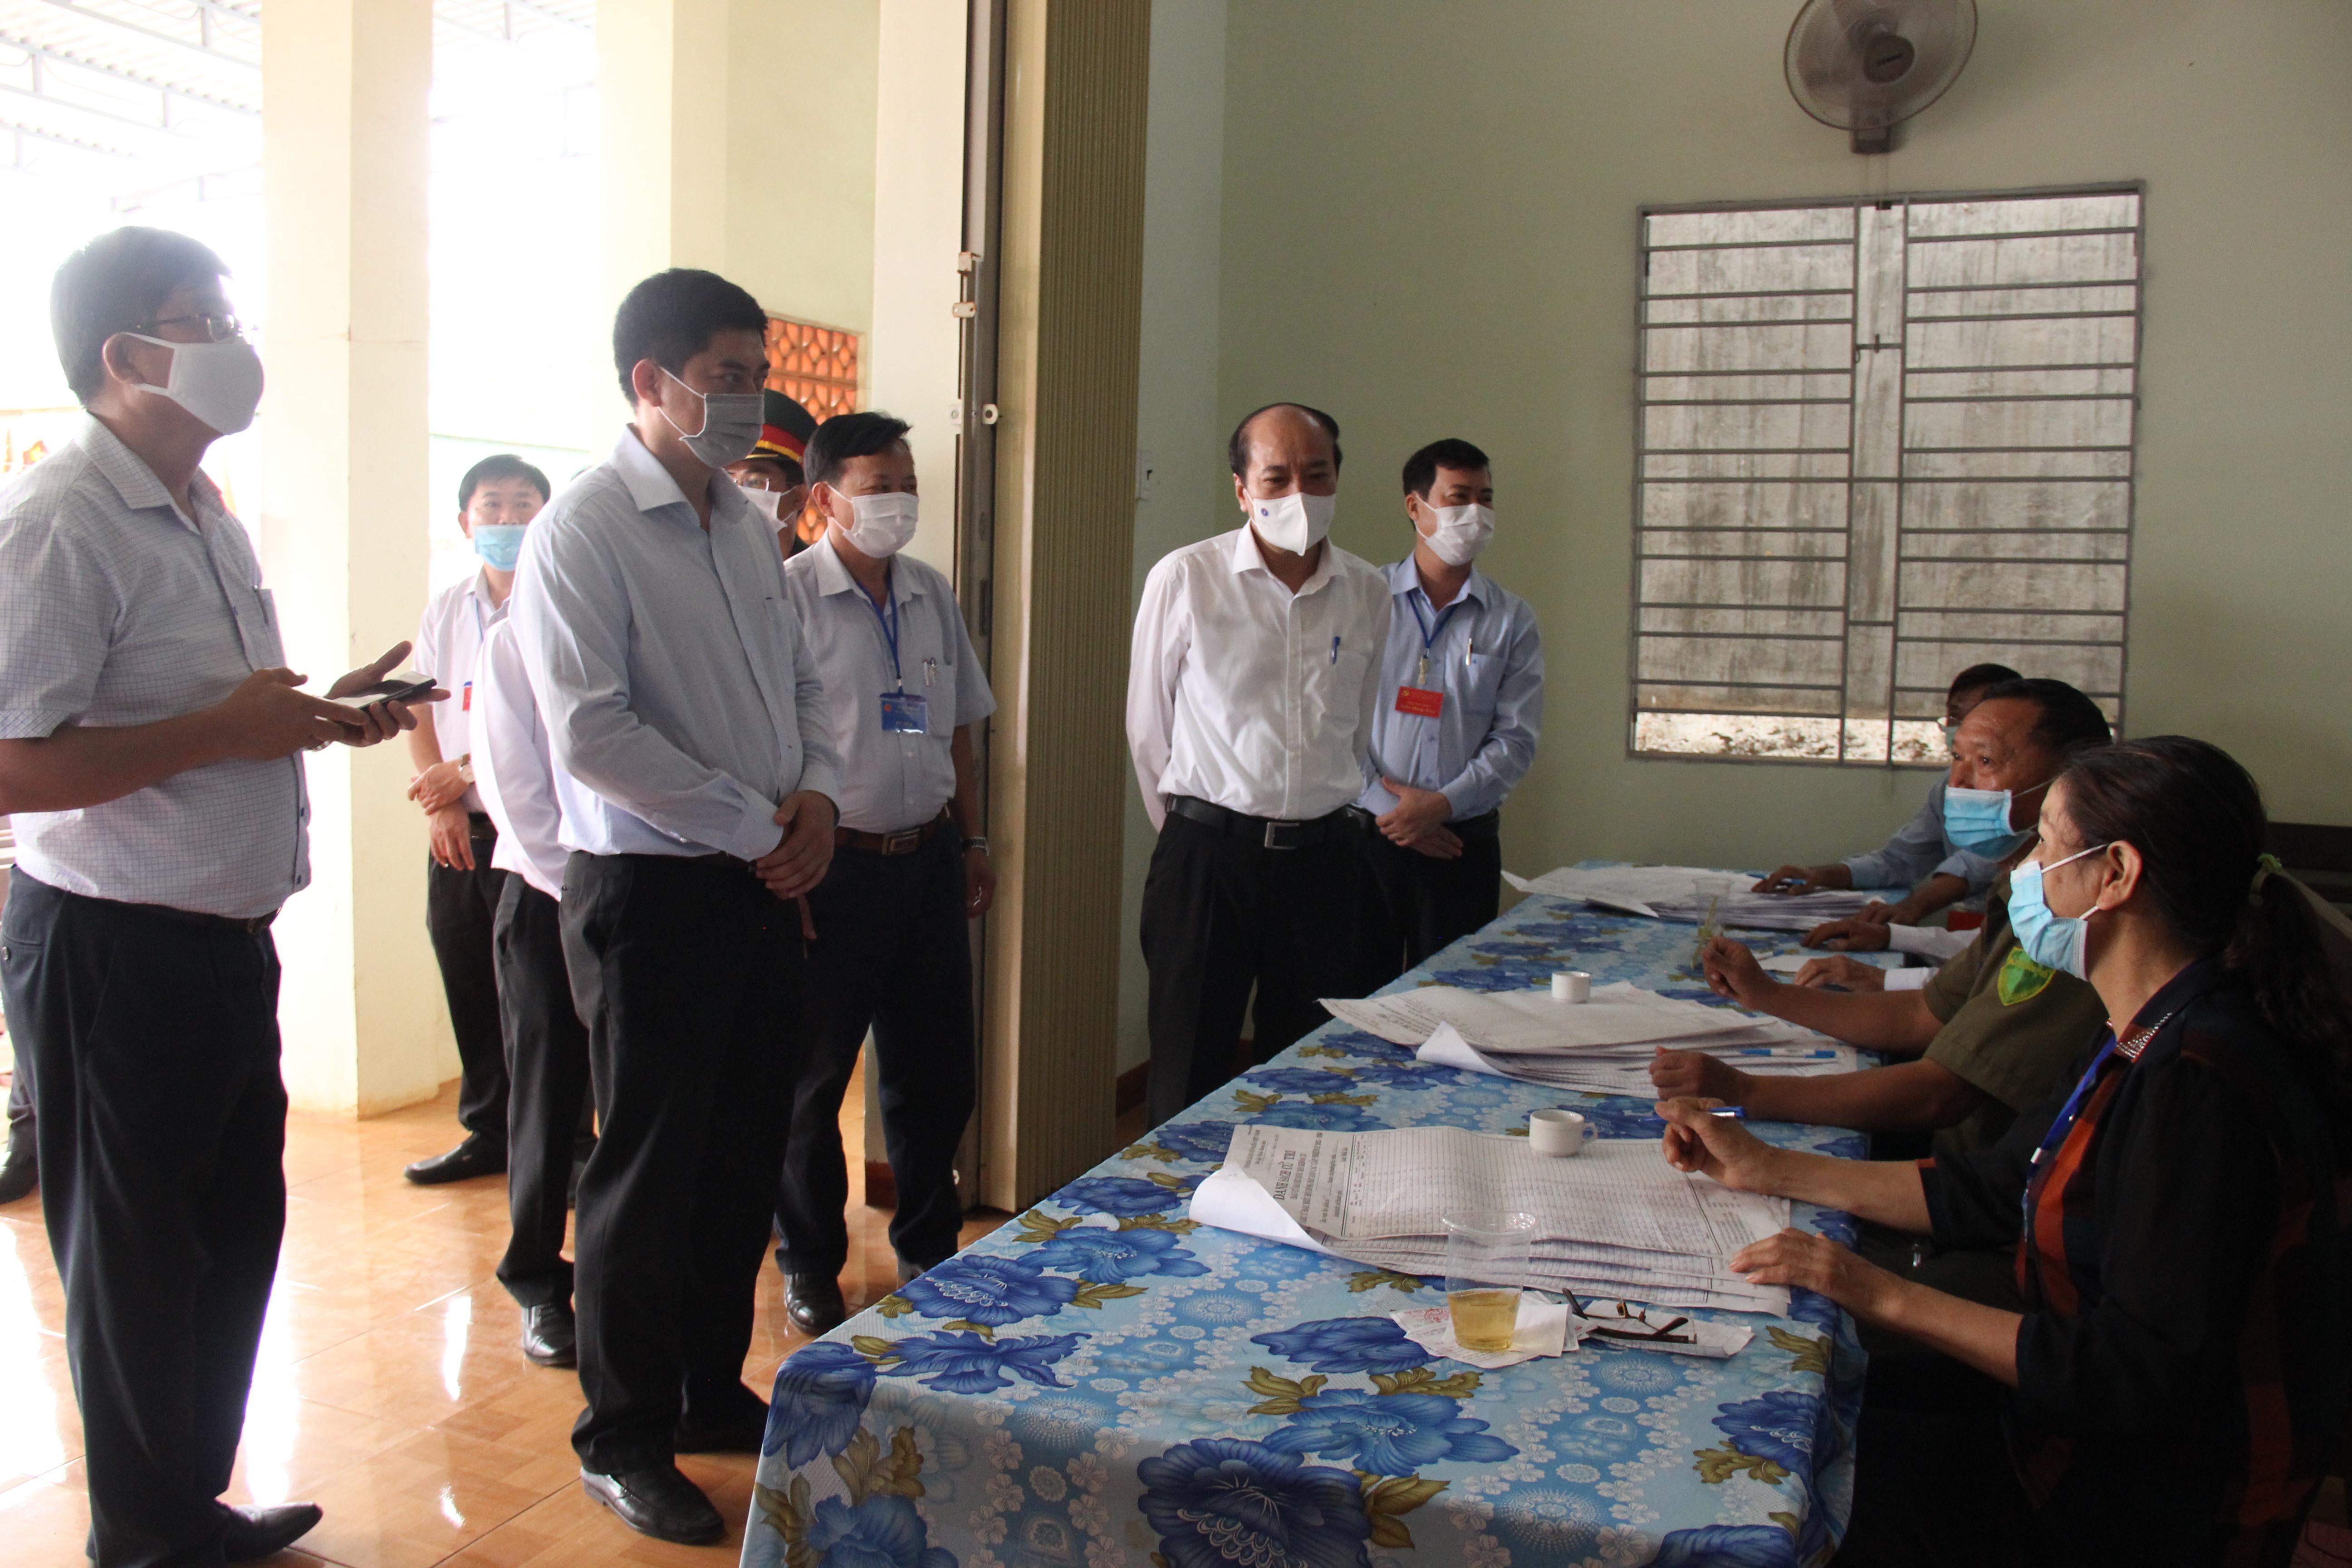 Chủ tịch UBND tỉnh Phạm Ngọc Nghị kiểm tra công tác tổ chức bầu cử tại huyện Krông Pắc